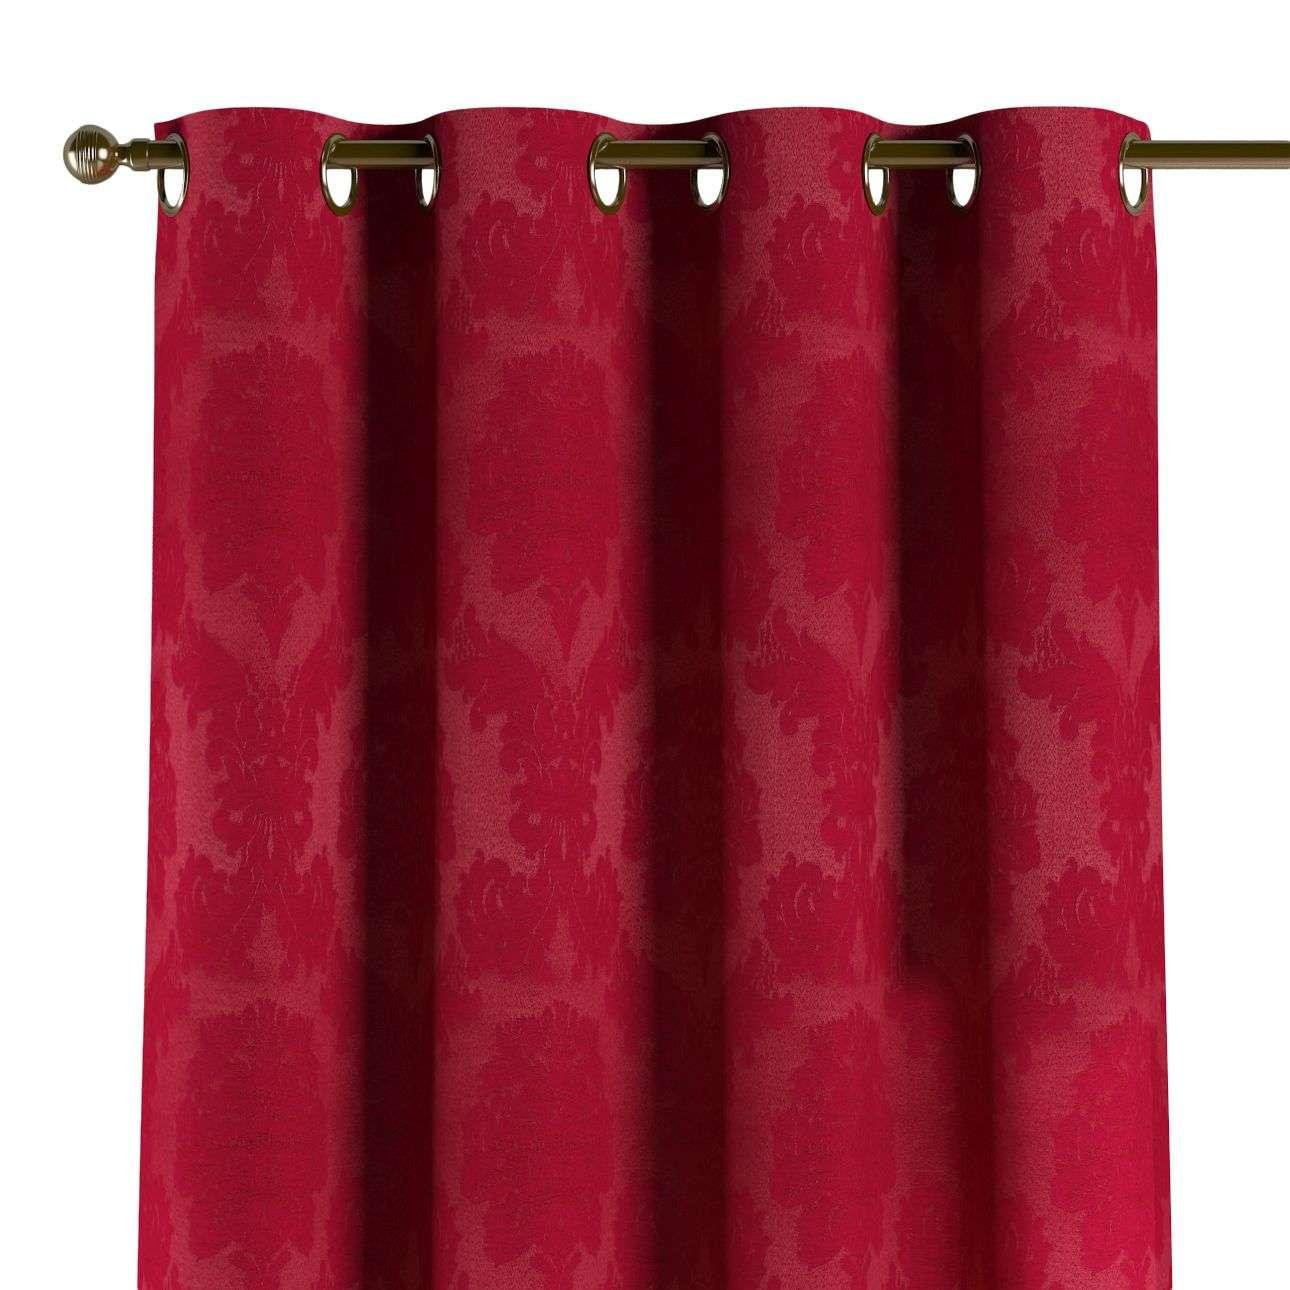 Gardin med öljetter 1 längd 130 x 260 cm i kollektionen Damasco, Tyg: 613-13